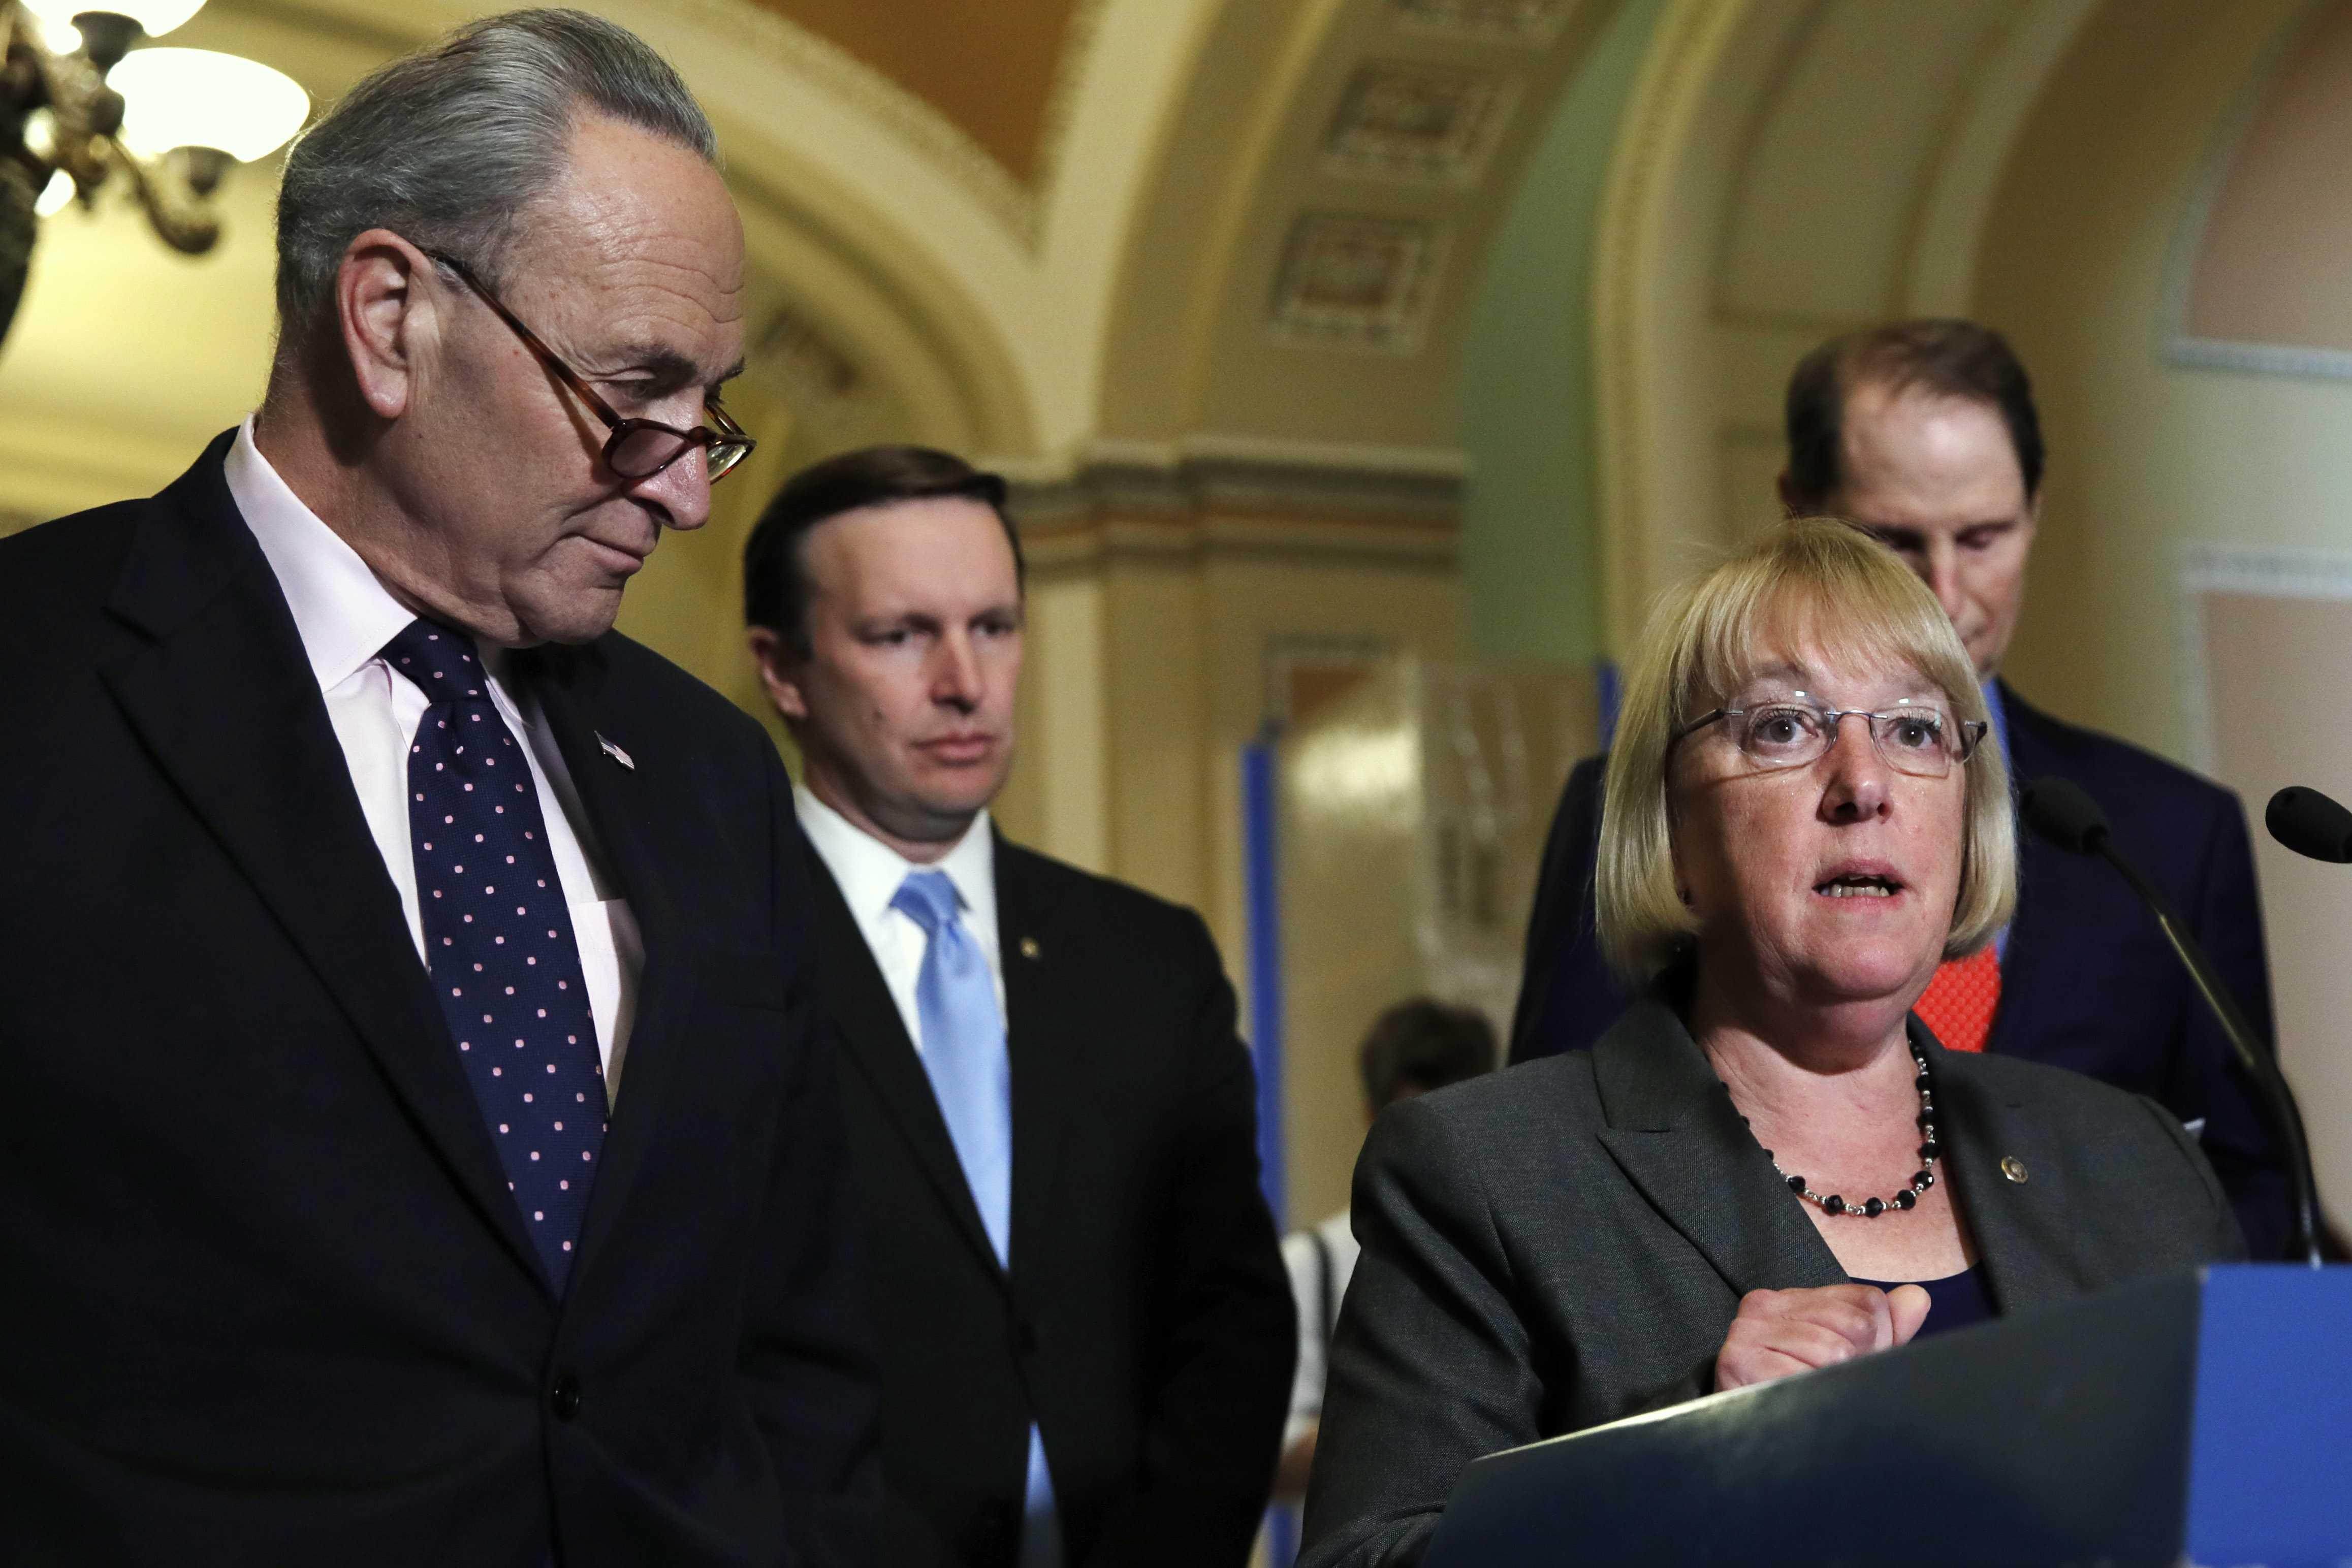 Senate continues health care bill talks in secret